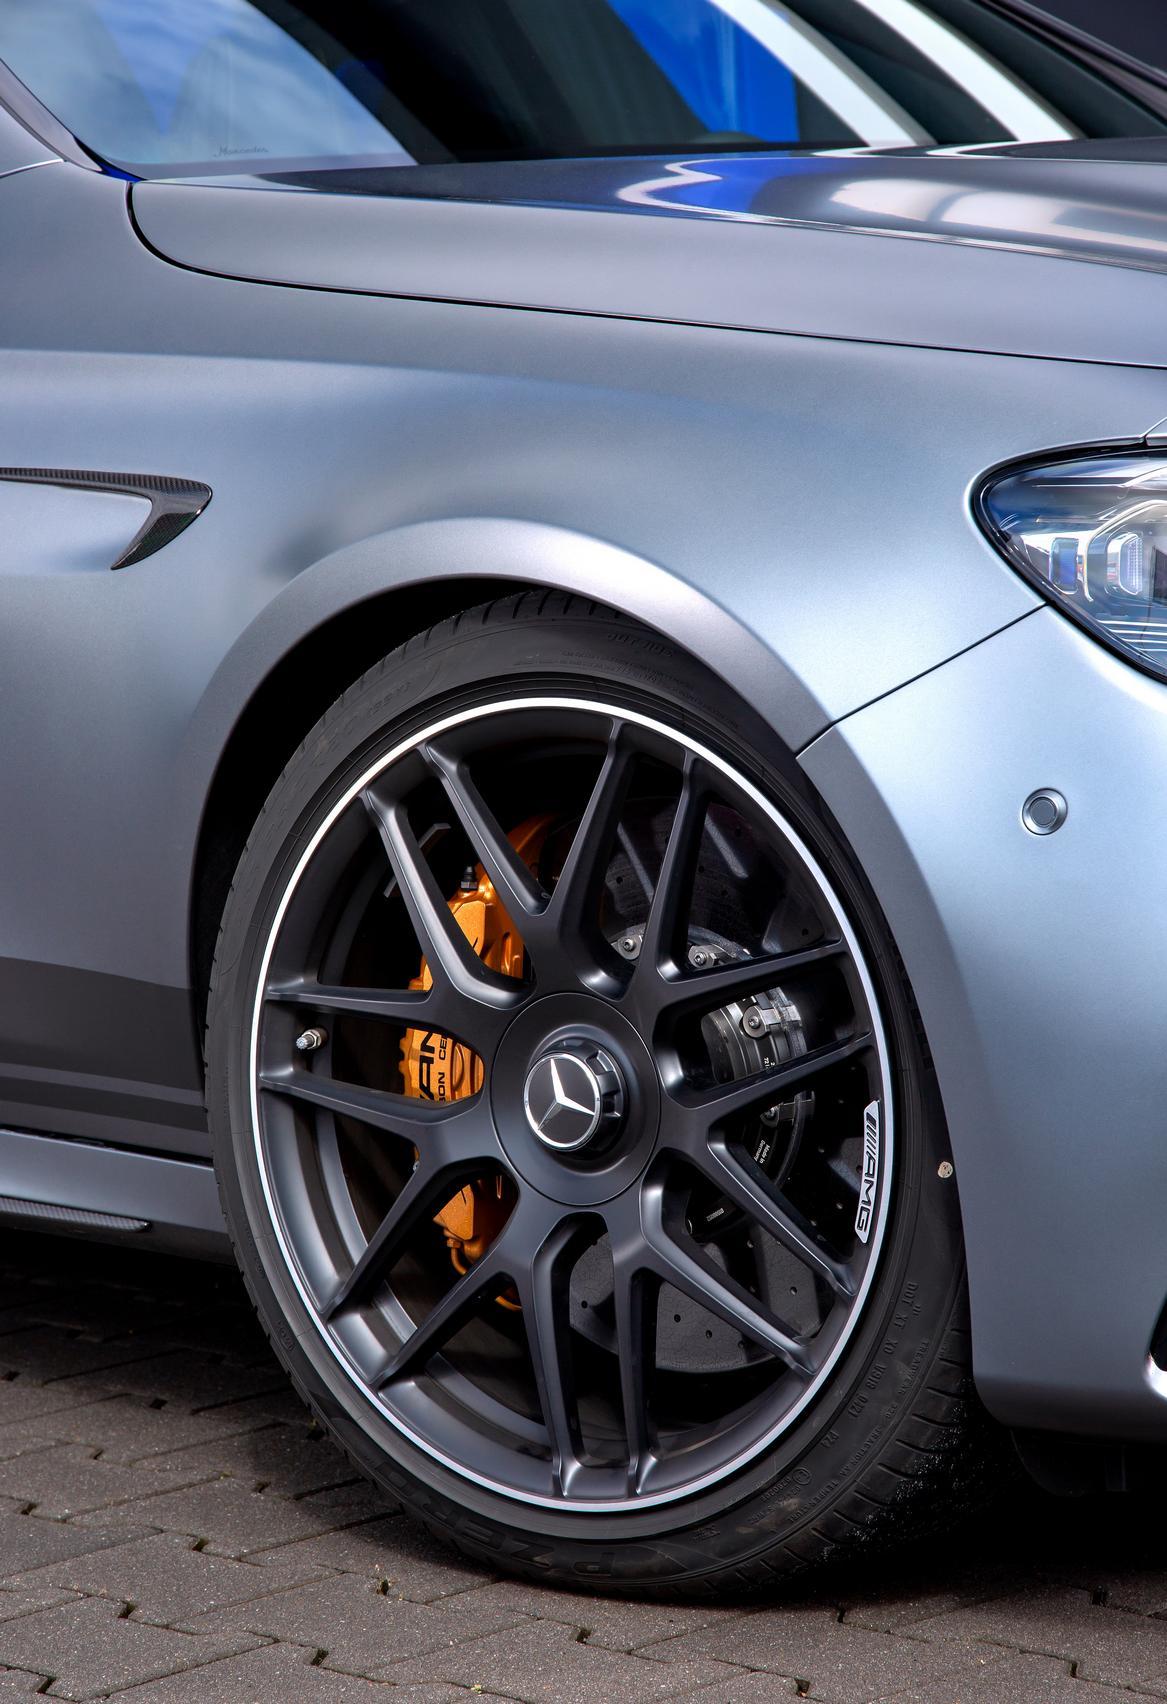 E63 AMG Wheels